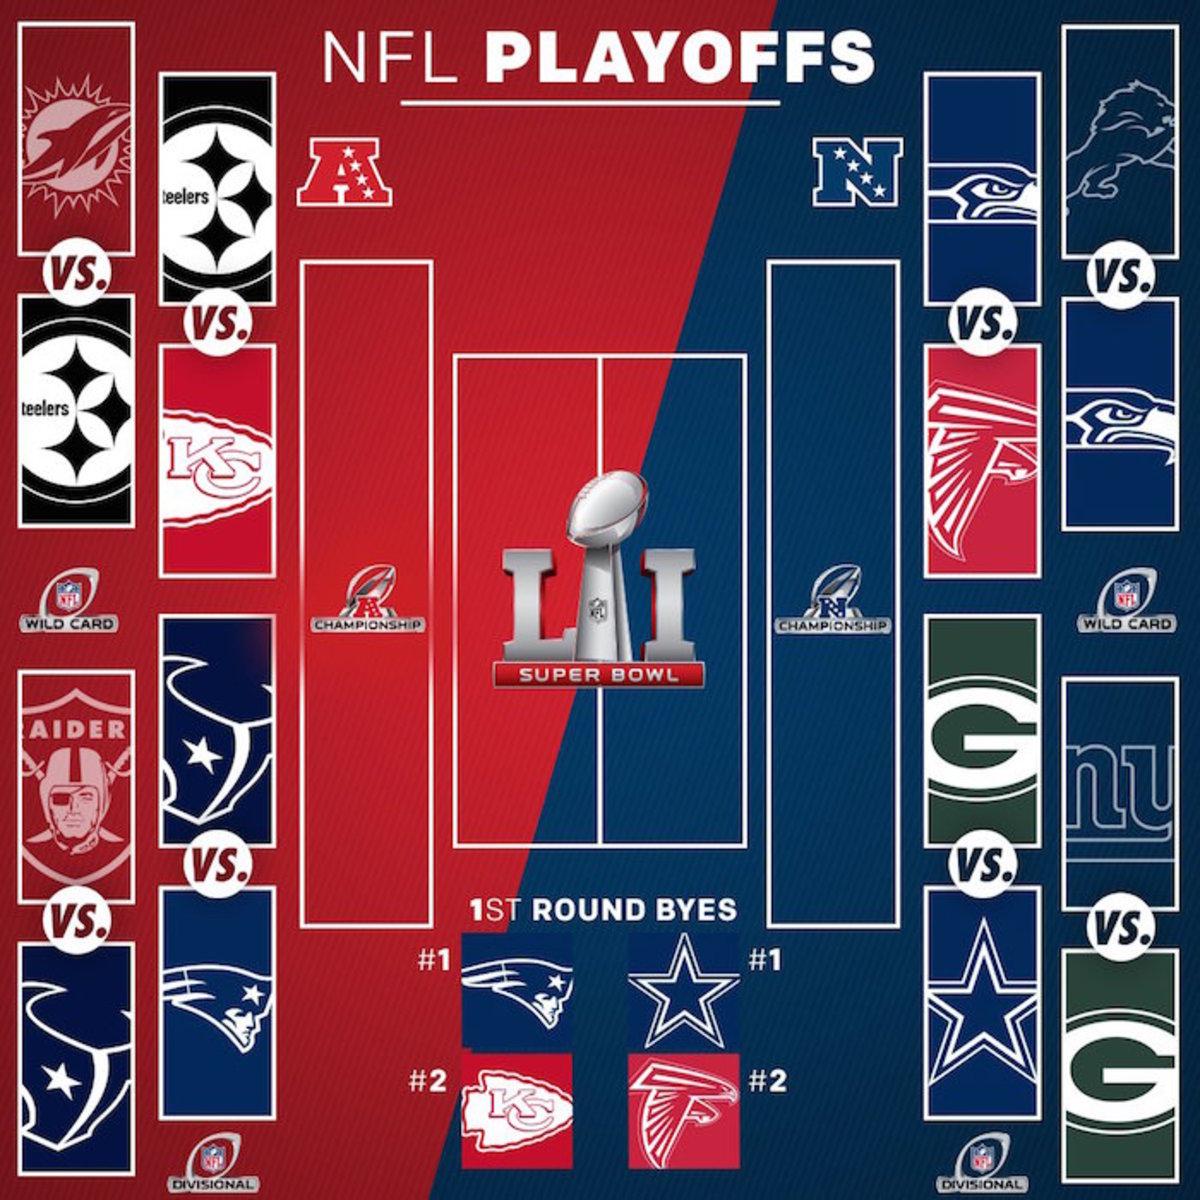 NFL Playoff Bracket (Updated)